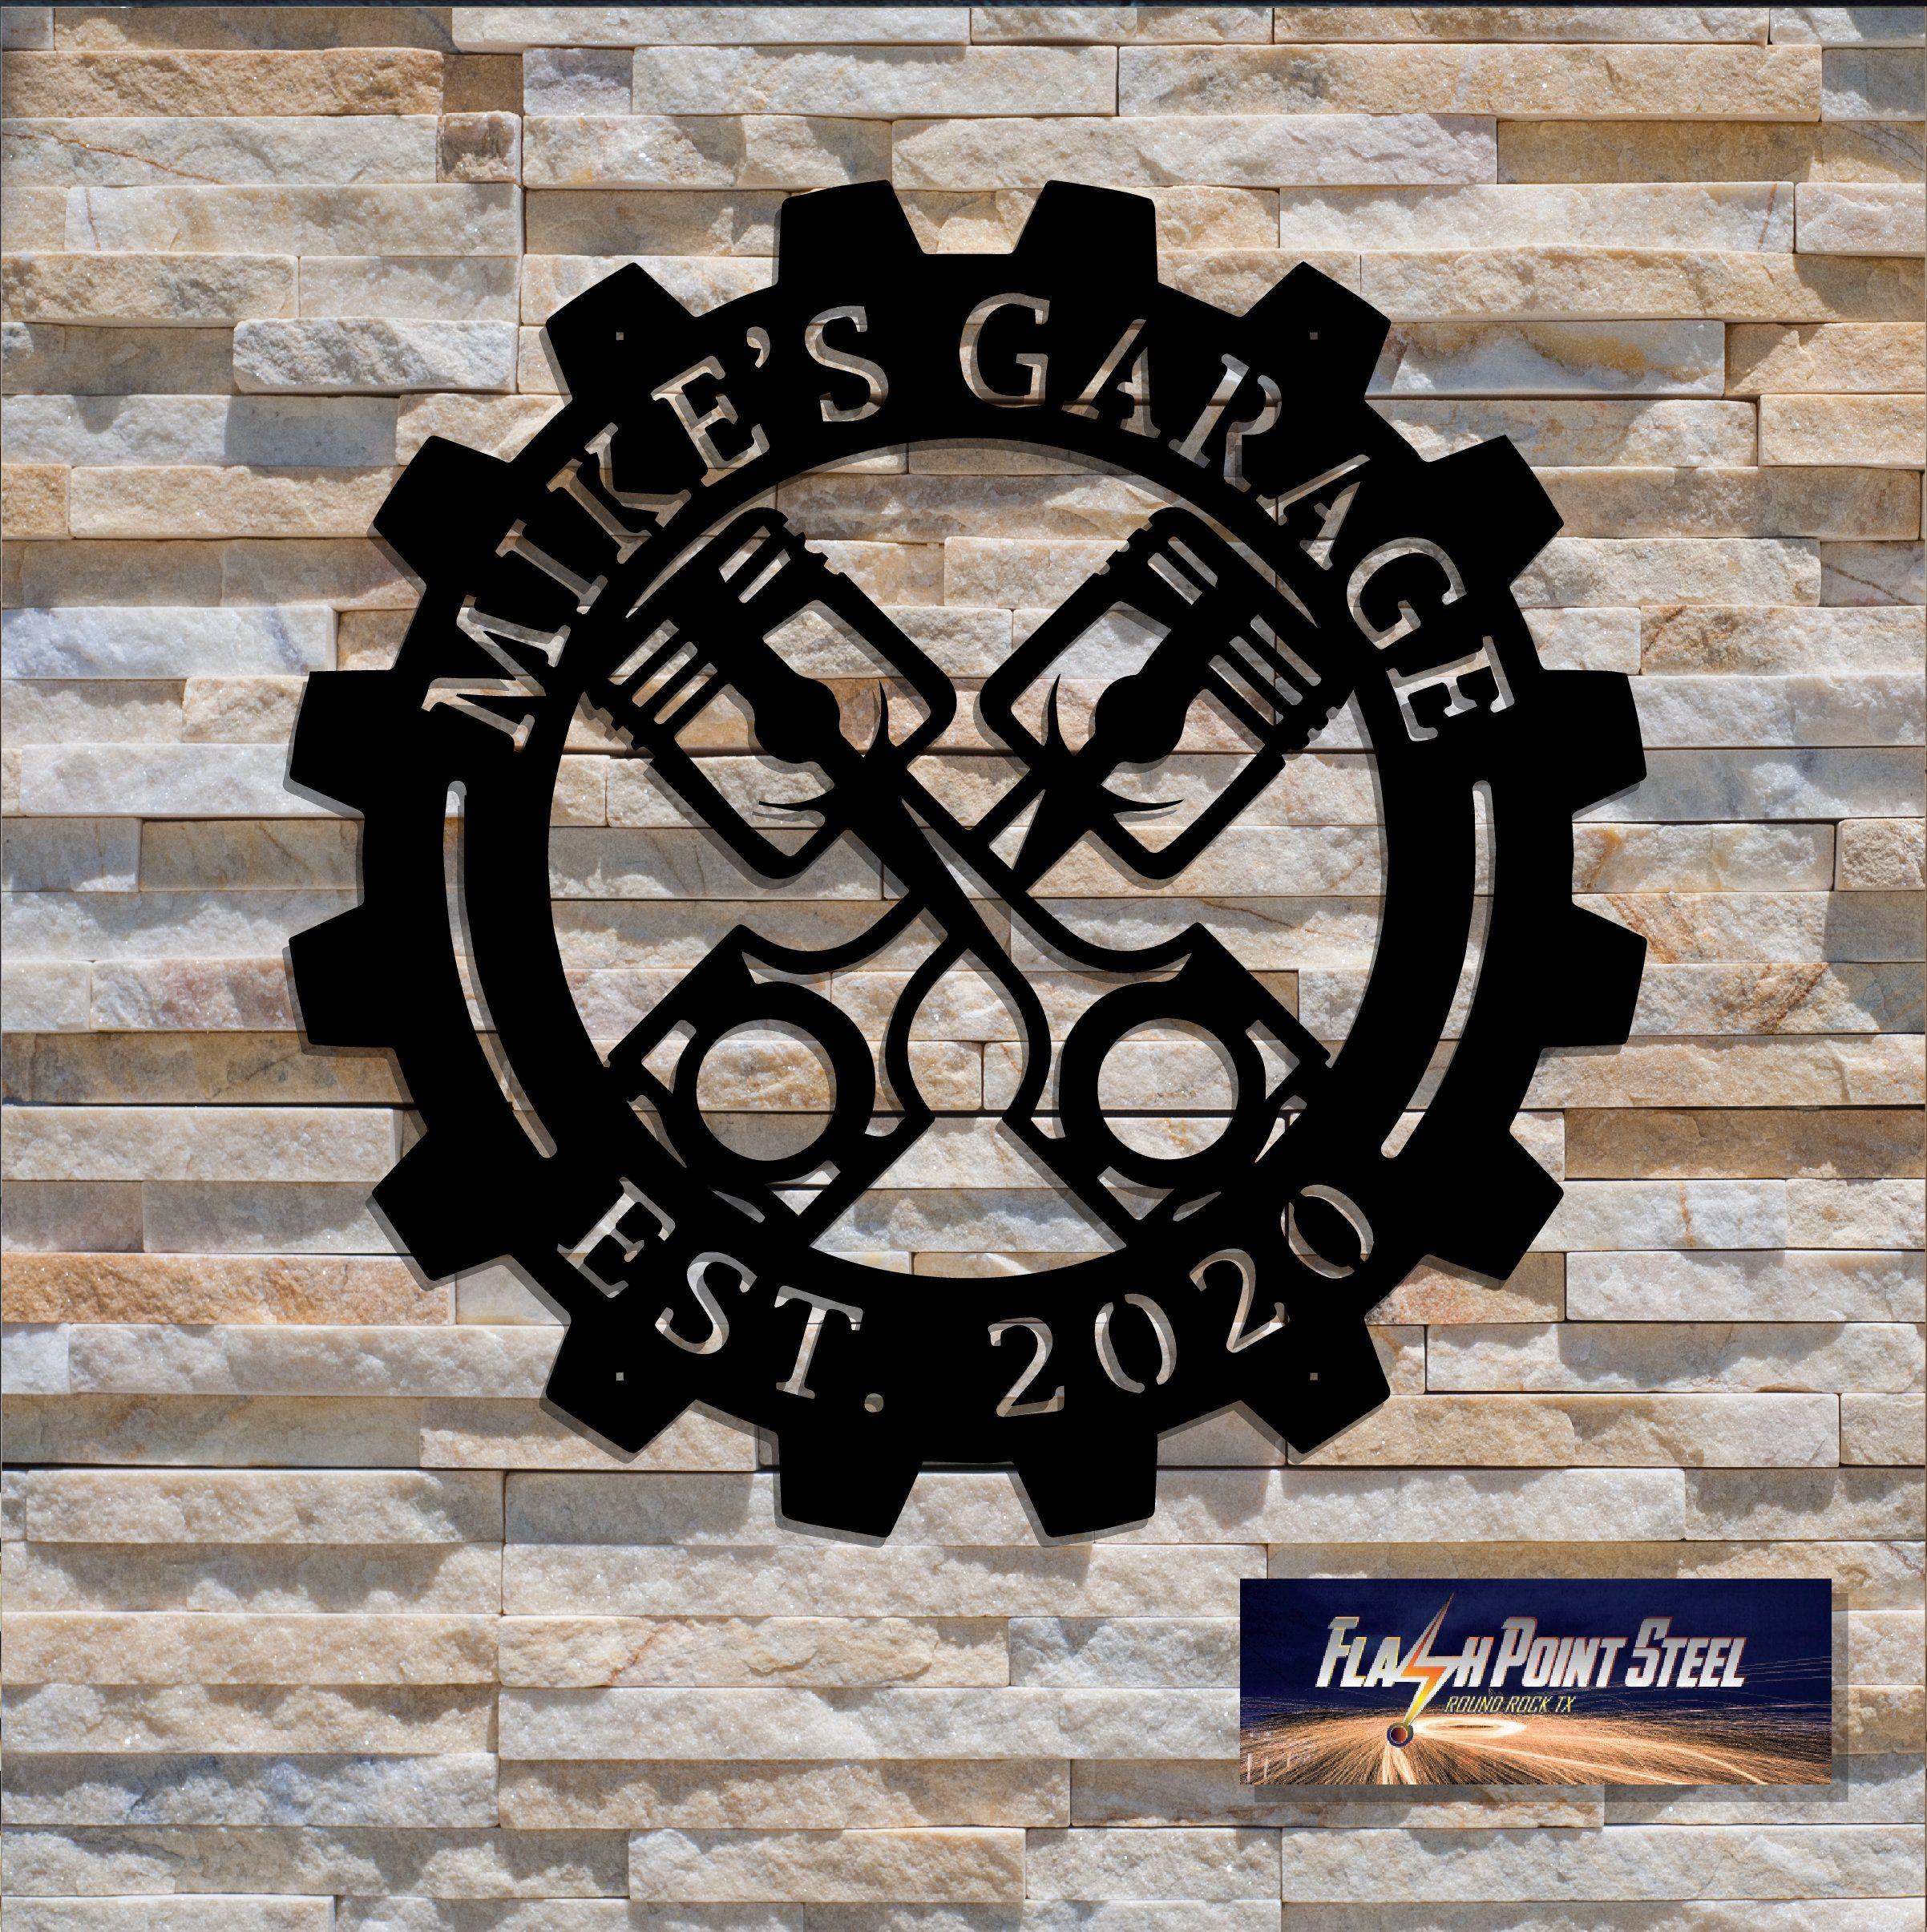 Piston Garage custom sign, Entrance sign, Man cave sign, Personalized, Established, Plasma cut steel sign, hot rod garage, Mechanic shop